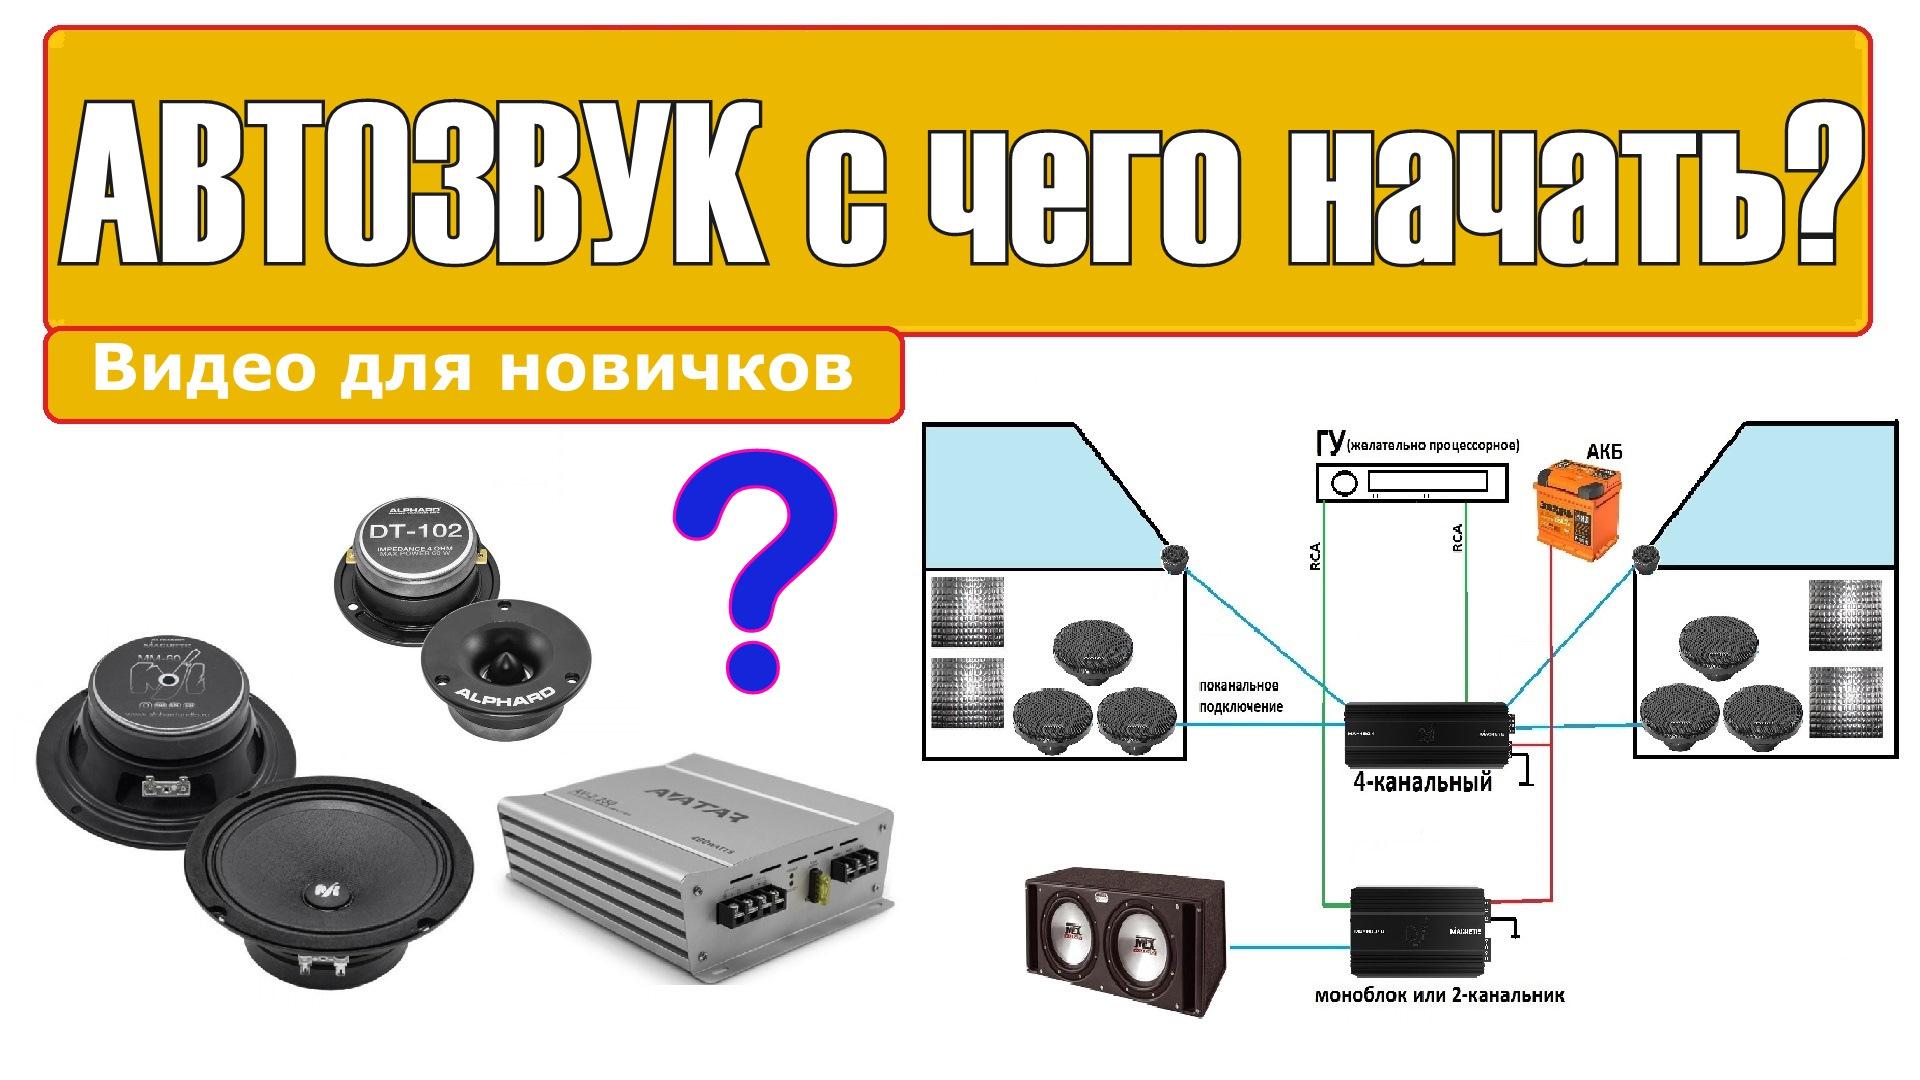 Интегральные усилители: что это такое? лучшие бюджетные усилители мощности звука. какой усилитель выбрать?